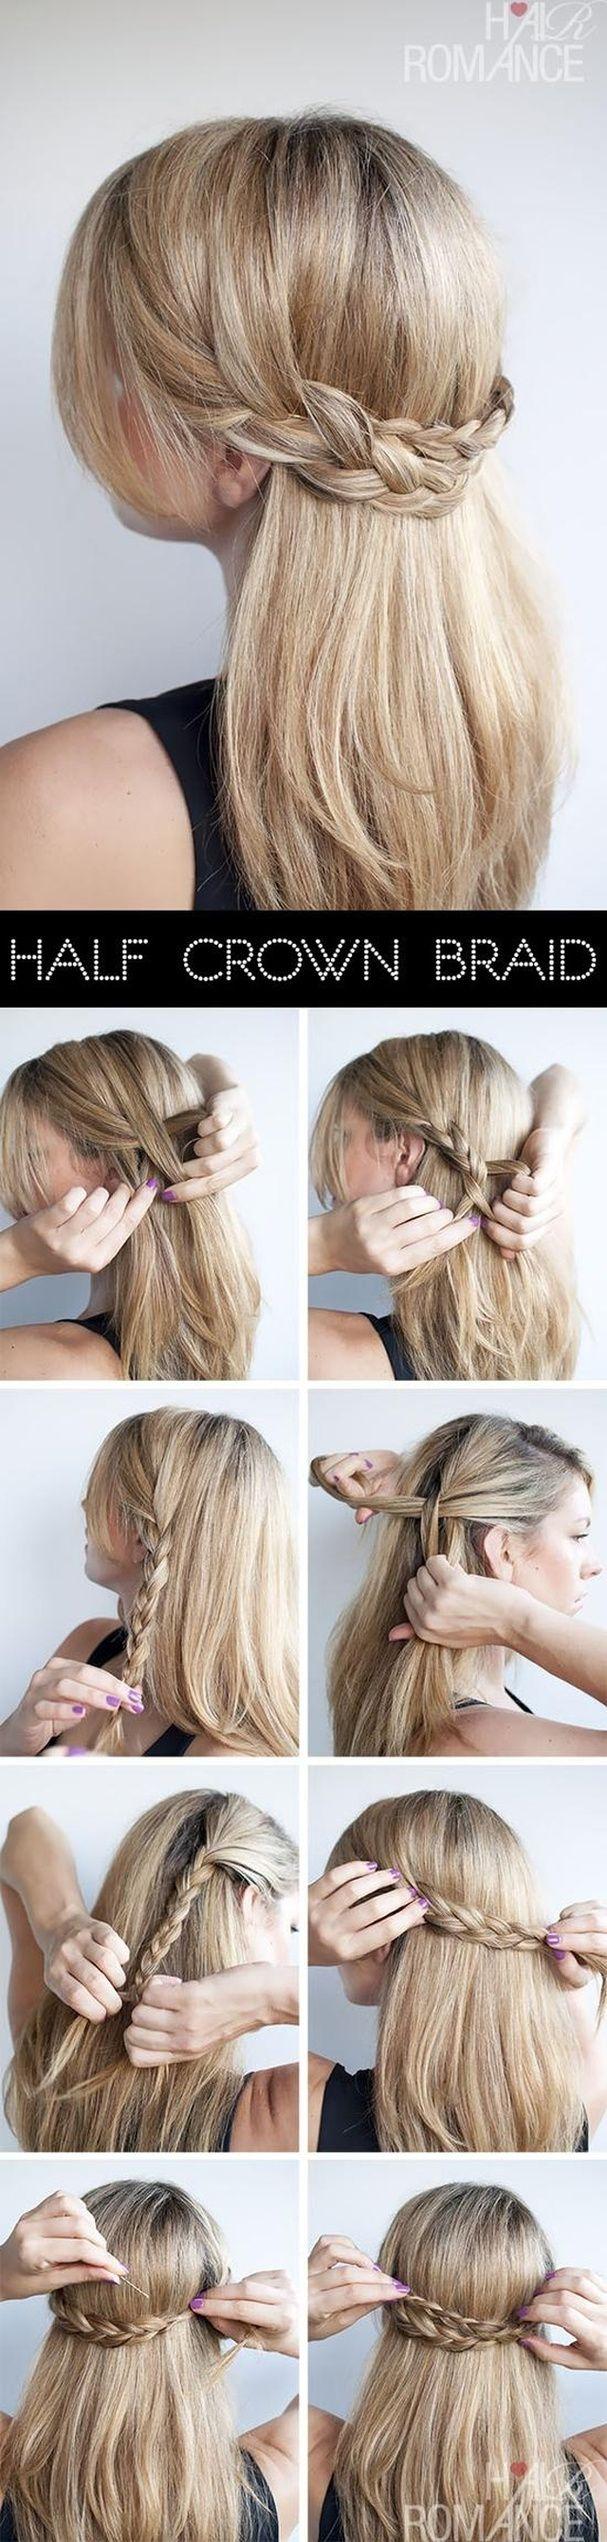 tutoriels pour maîtriser luart de la tresse half crown braids